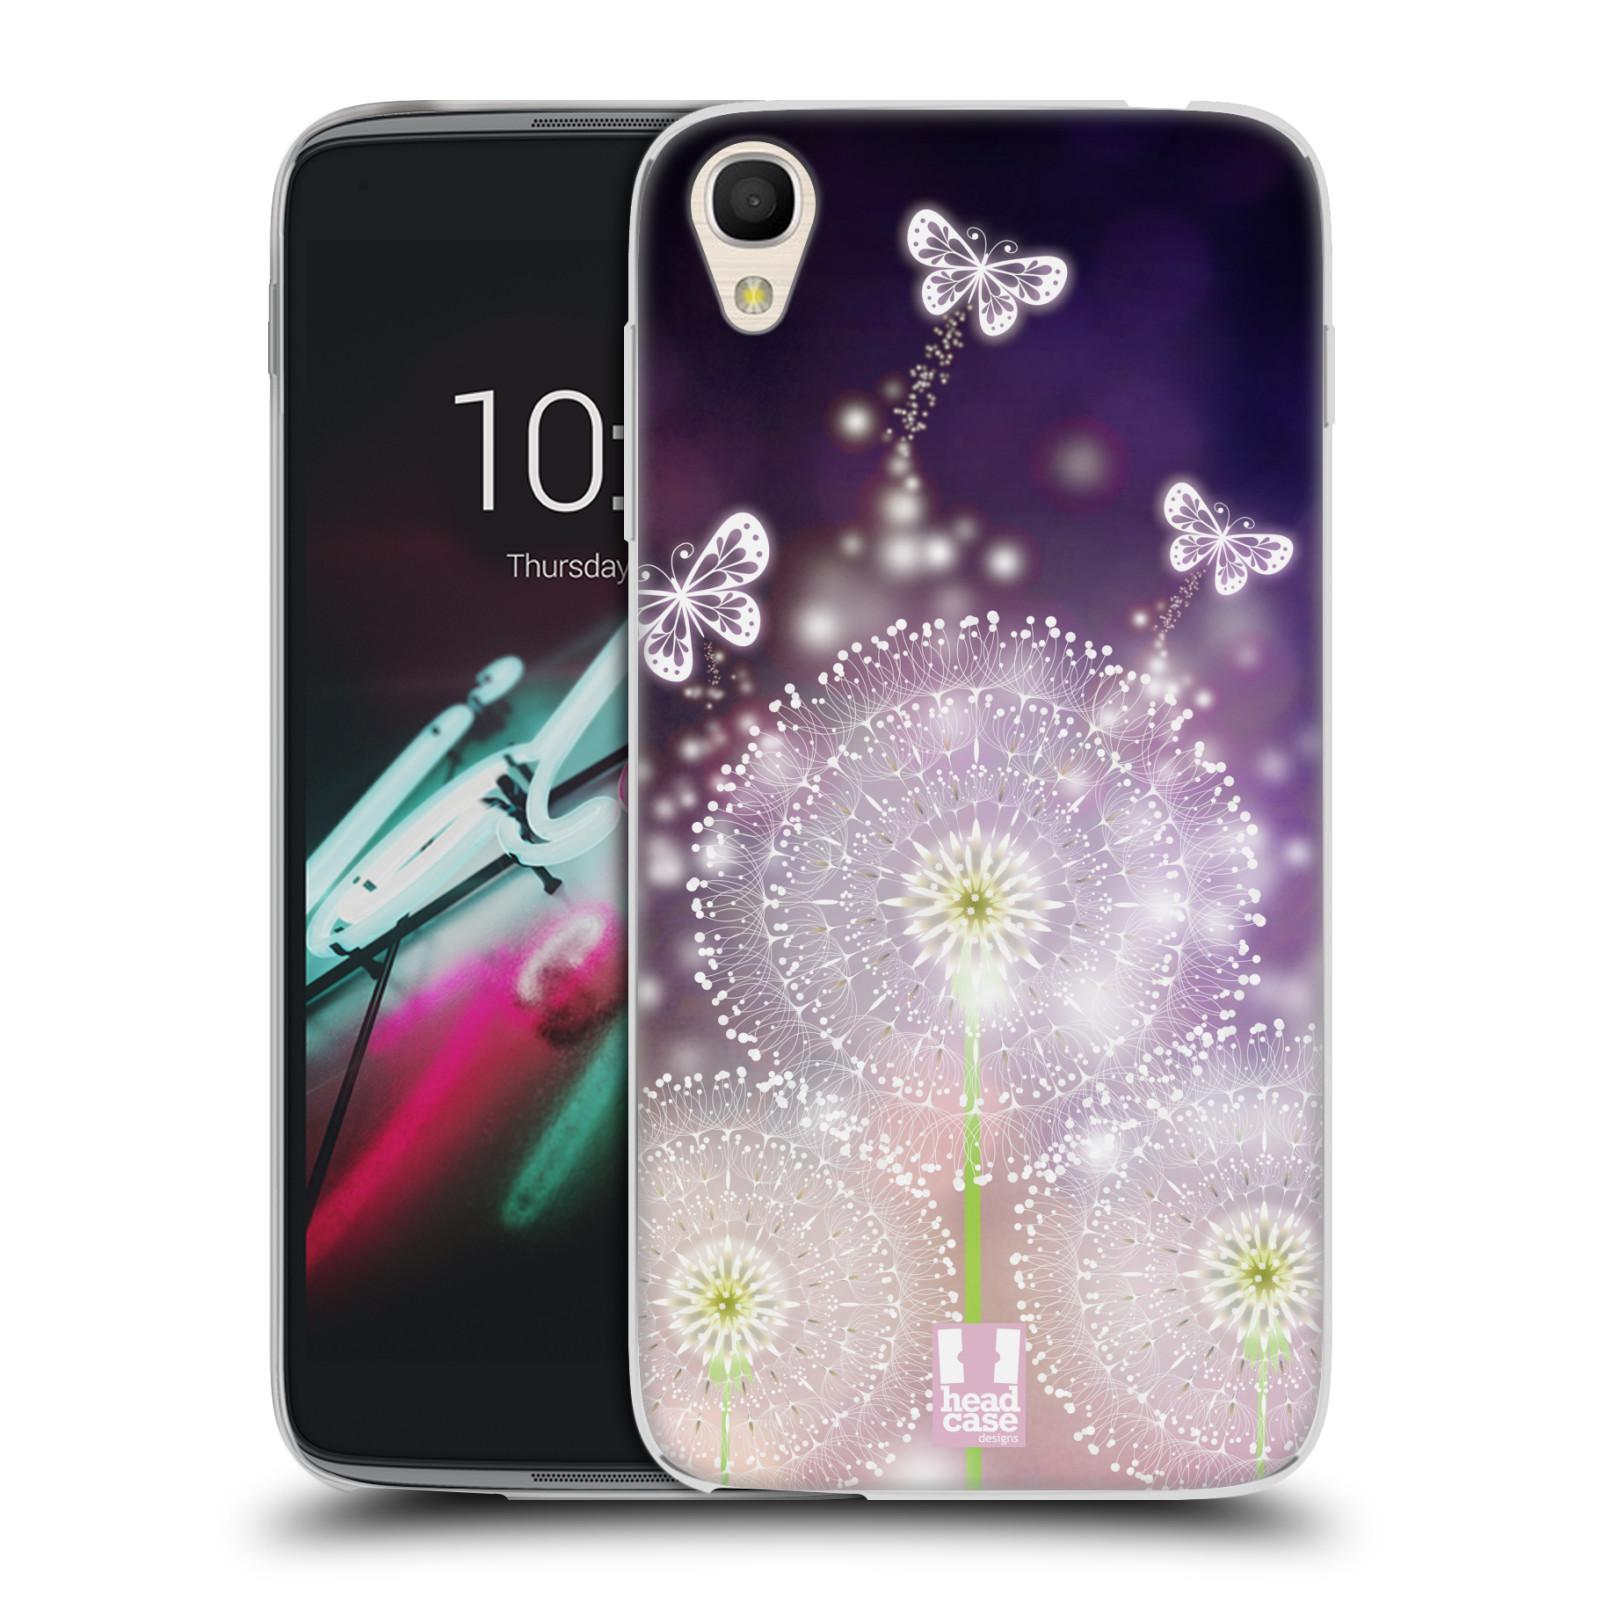 """Silikonové pouzdro na mobil Alcatel One Touch 6039Y Idol 3 HEAD CASE Pampelišky a Motýlci (Silikonový kryt či obal na mobilní telefon Alcatel One Touch Idol 3 OT-6039Y s 4,7"""" displejem)"""